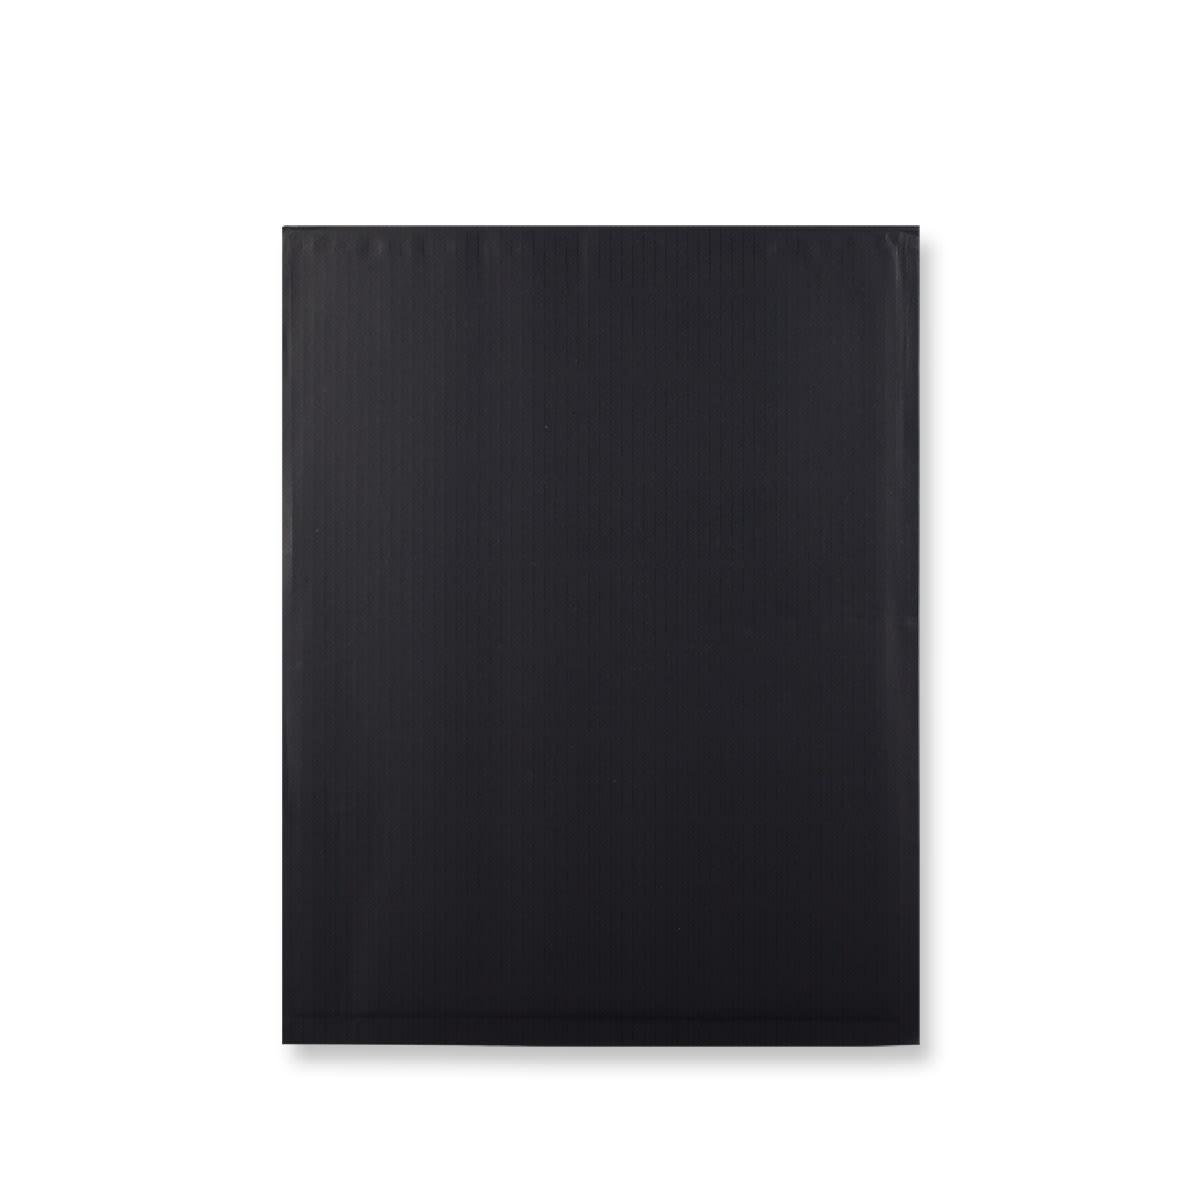 470 x 350mm BLACK PAPER PADDED ENVELOPES